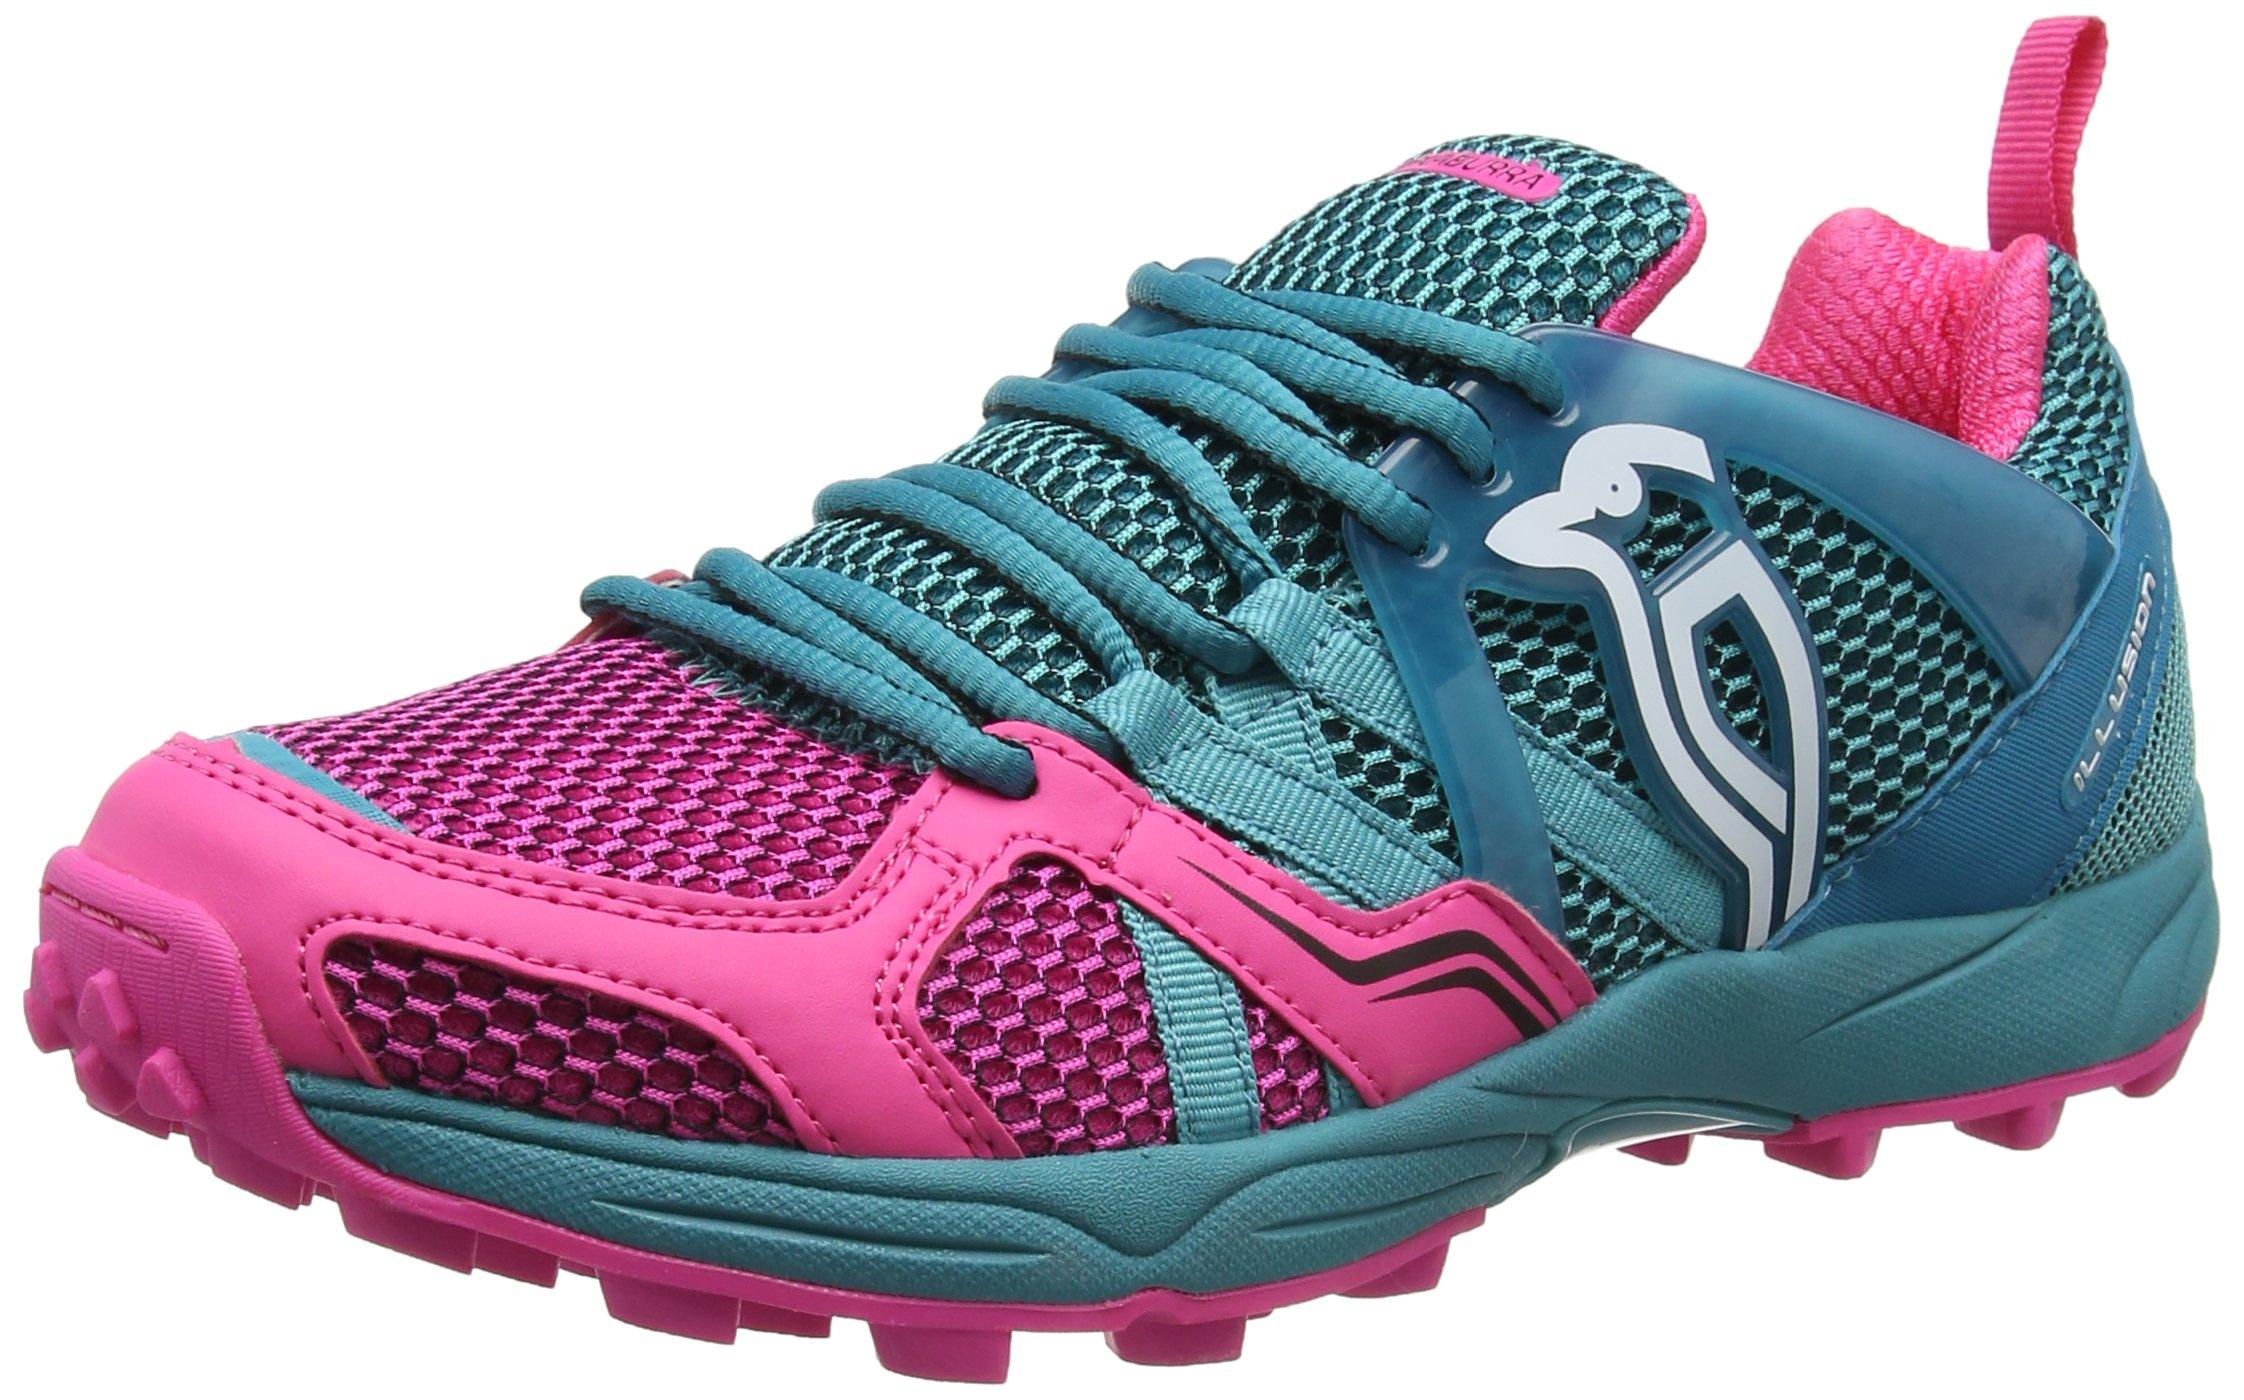 Kookaburra Illusion Senior Hockey Shoes - Teal/Pink - UK 9